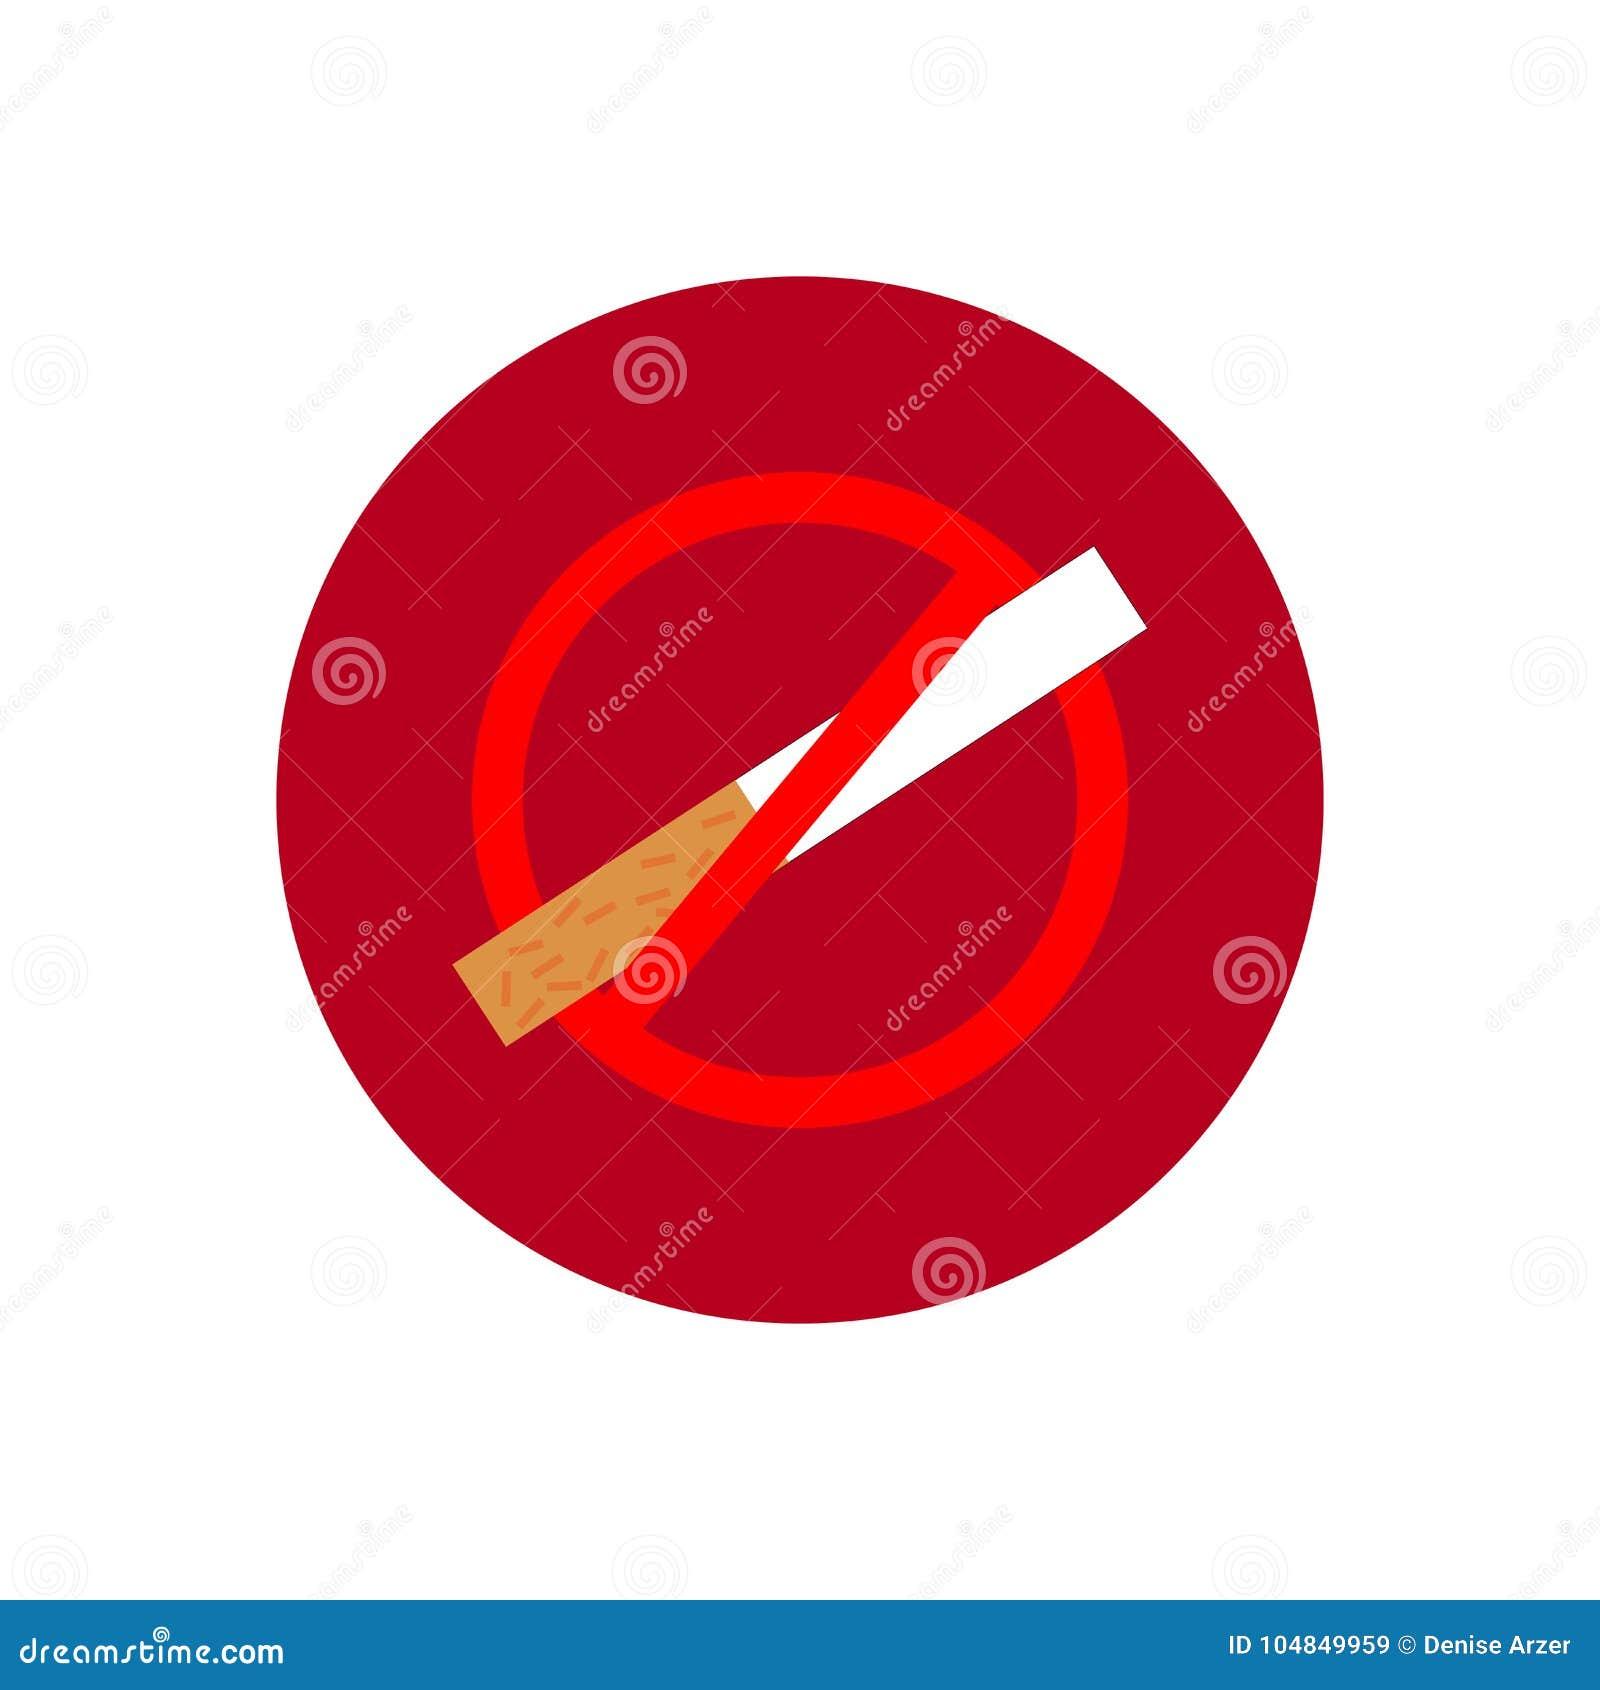 Round ikona z dymienie zabronionym symbolem